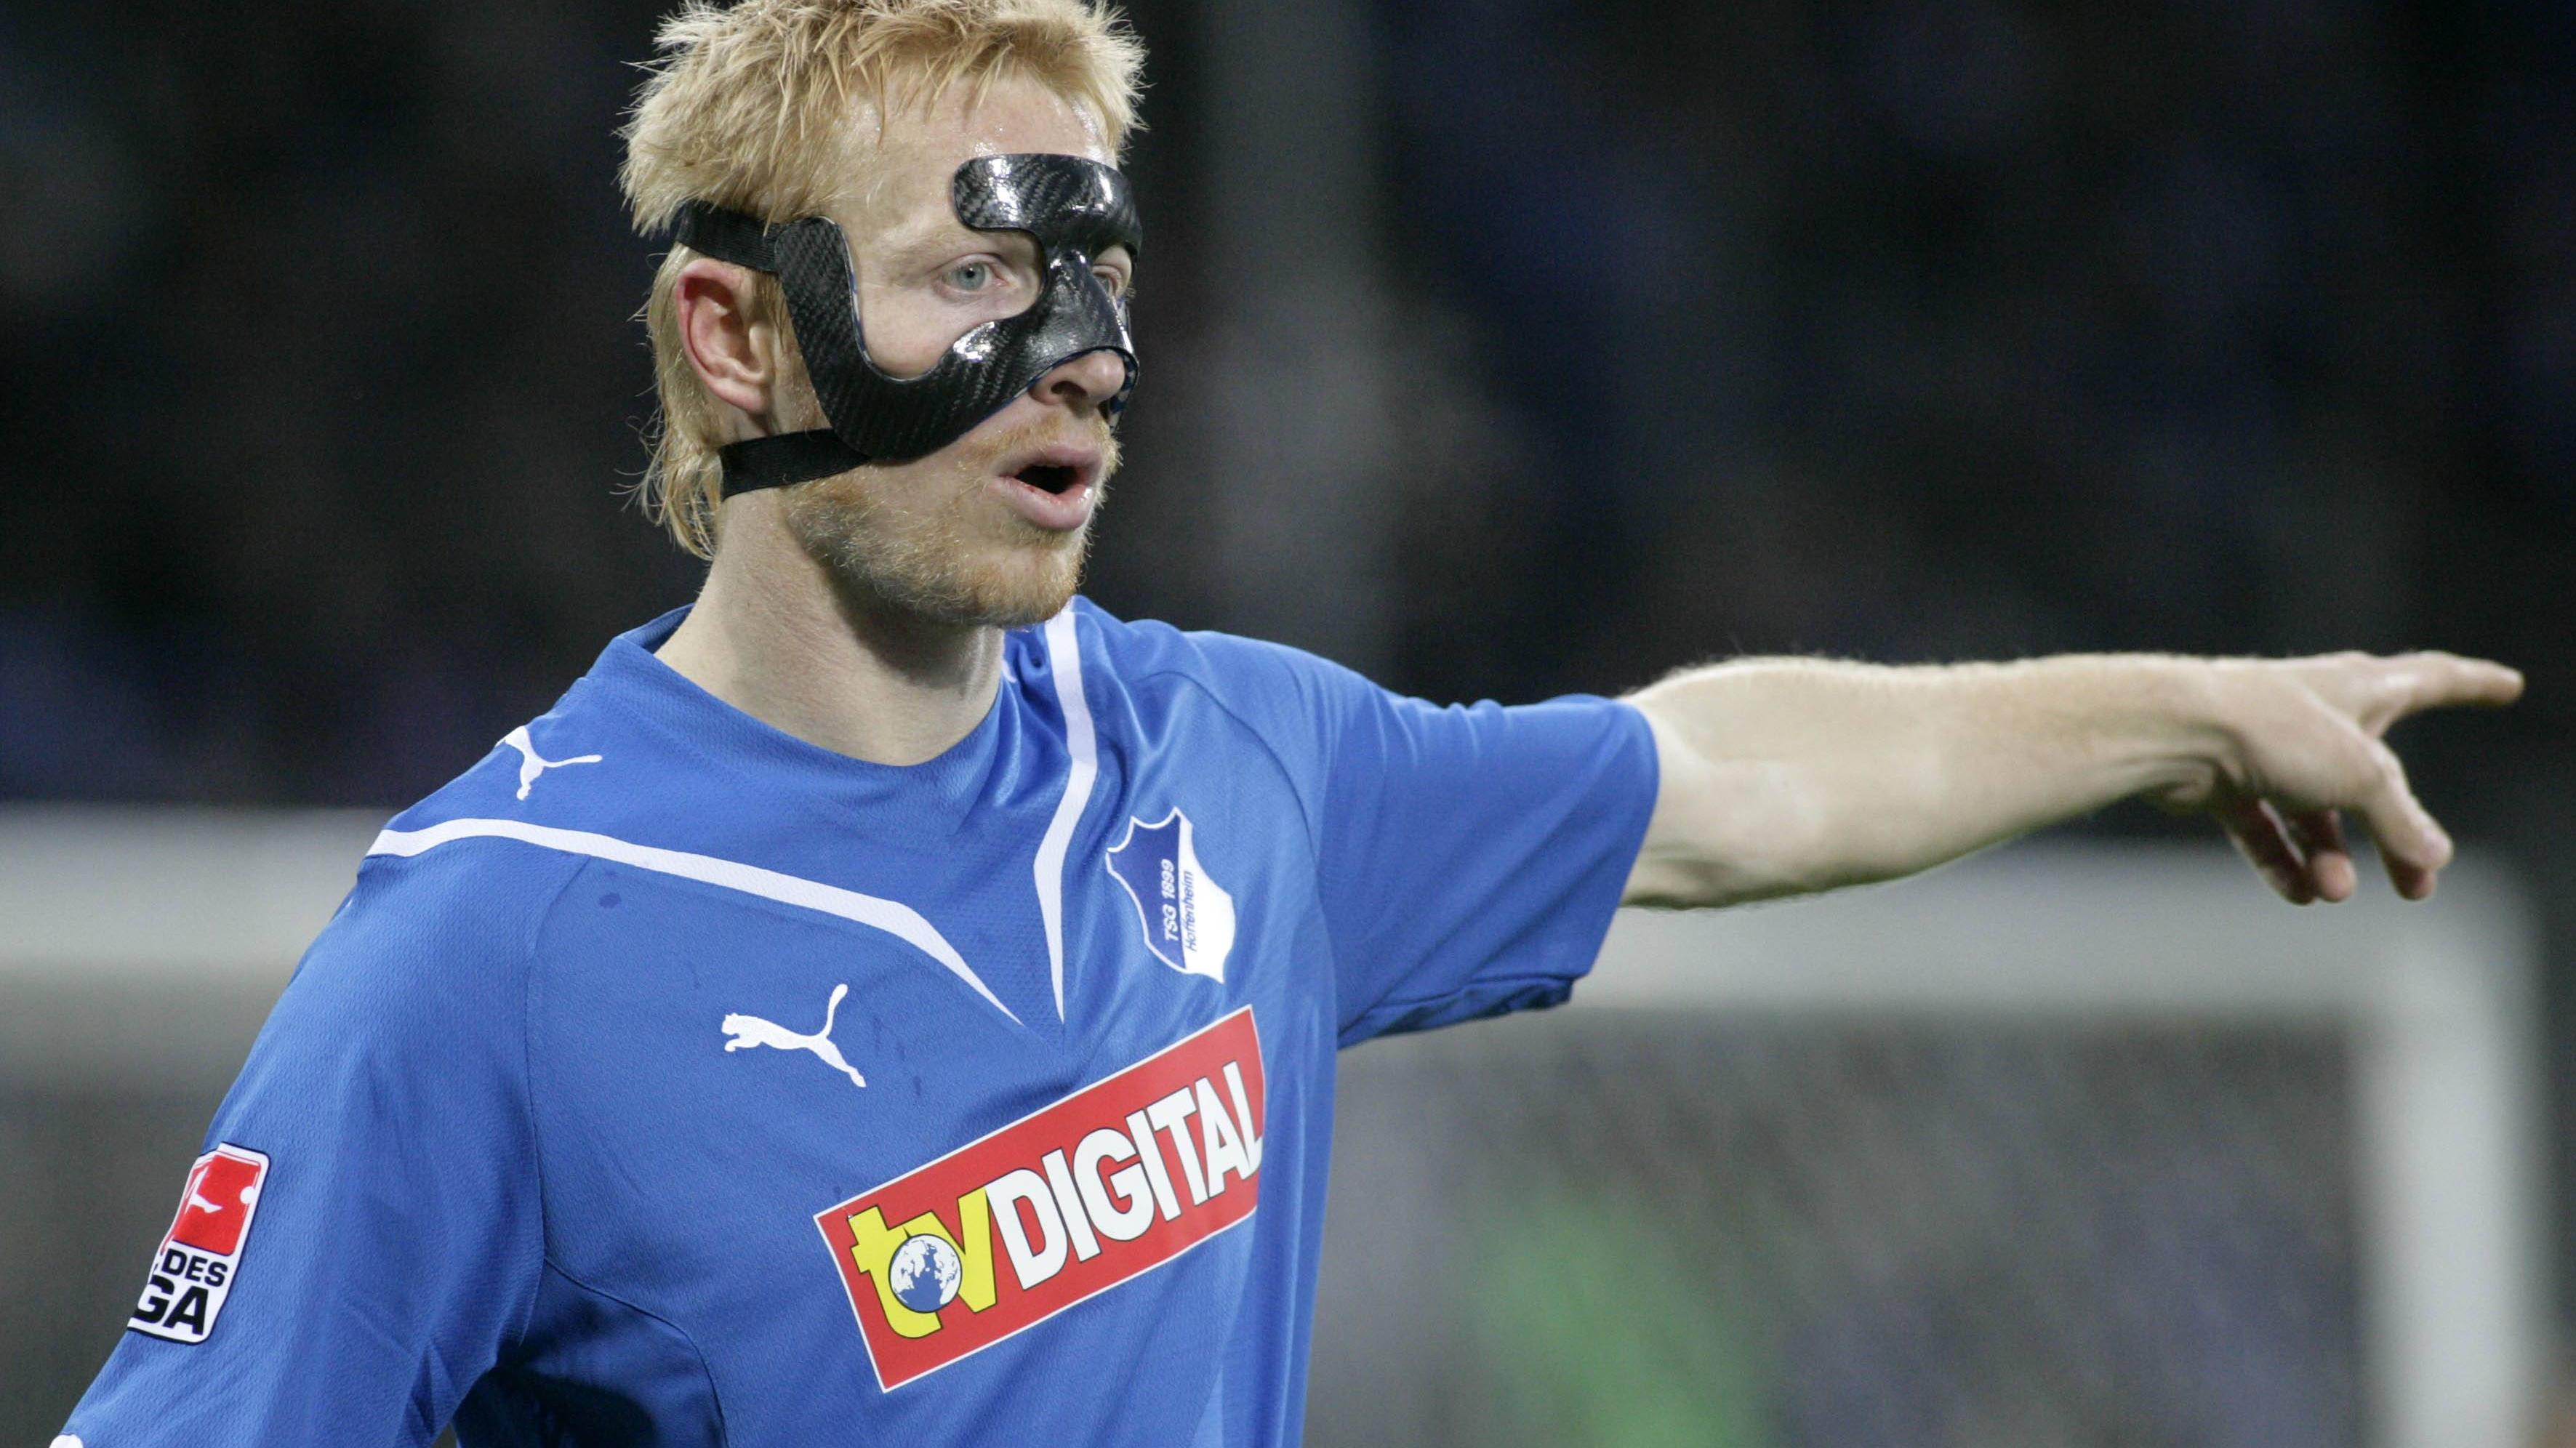 Gesichtsmaske im Fußball: Darum tragen Sportler Gesichtsmasken